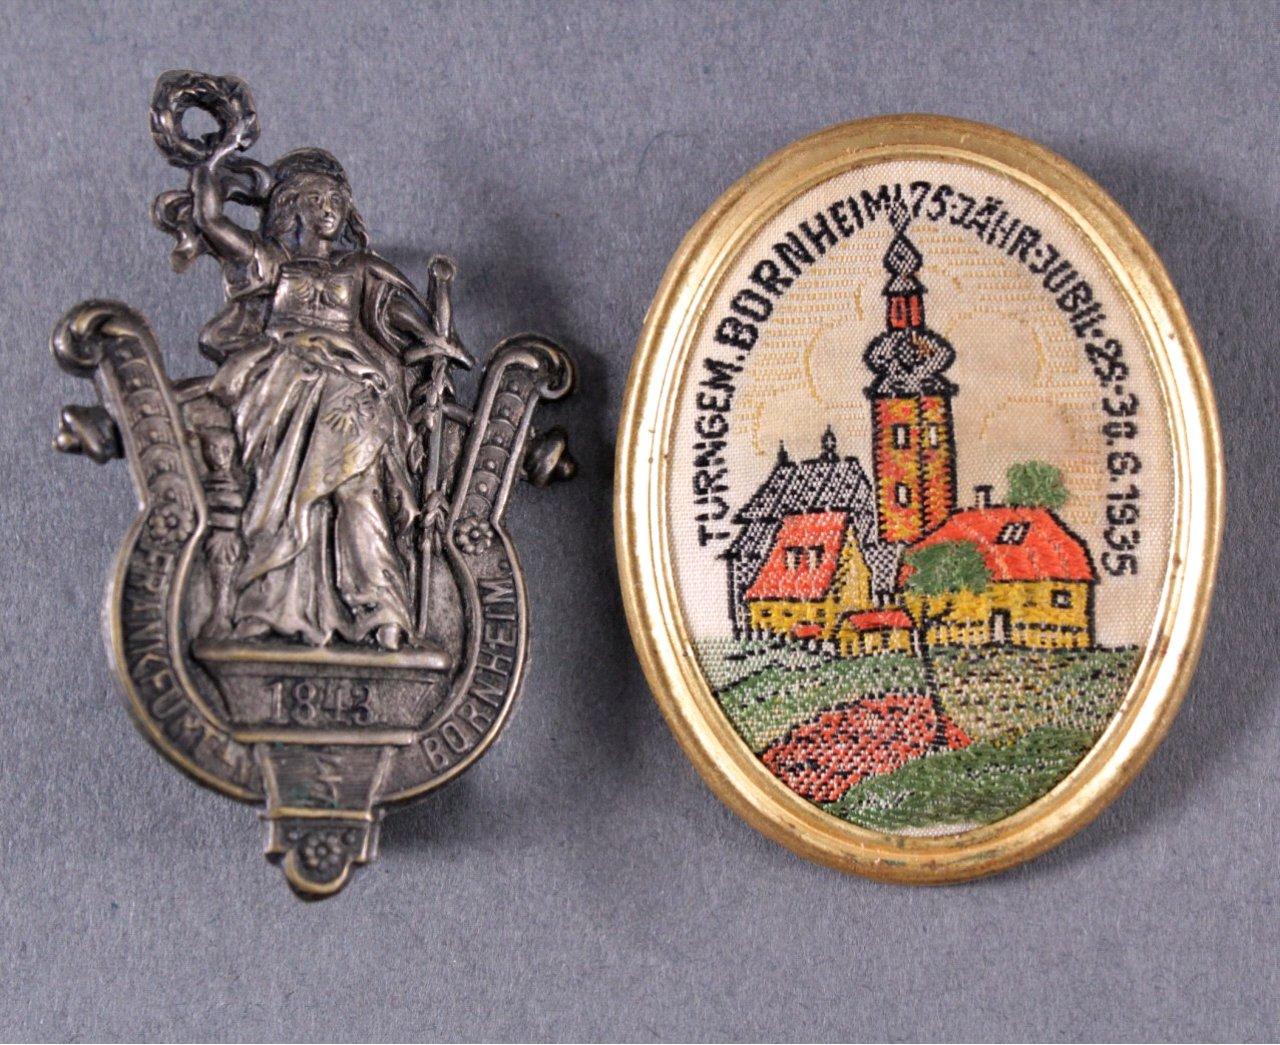 Tagungs- und Veranstaltungsabzeichen Bornheim